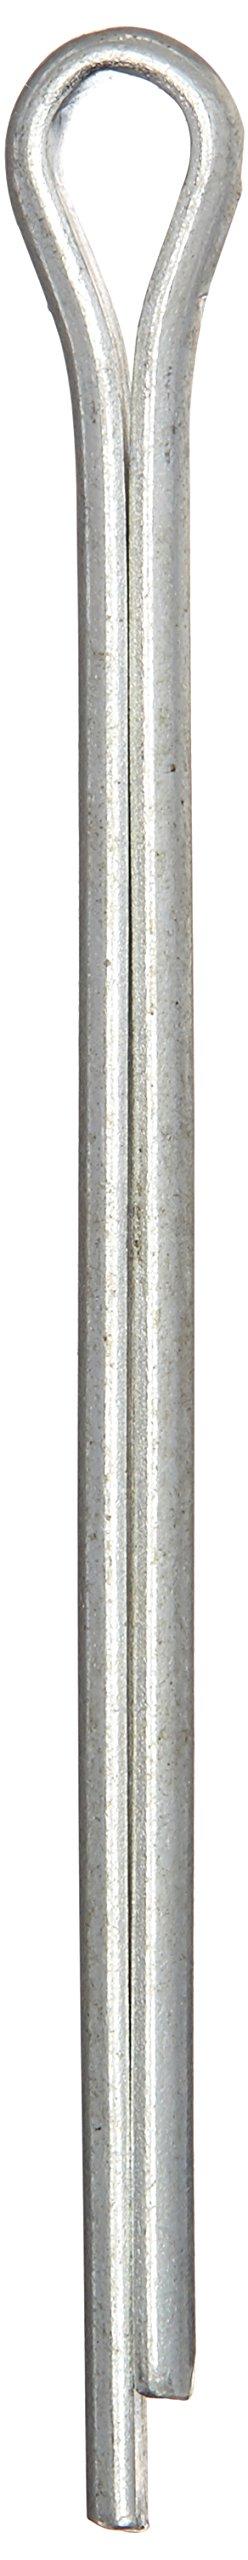 Hard-to-Find Fastener 014973369255 Spring Steel Cotter Pins, 5/32 x 2, Piece-471